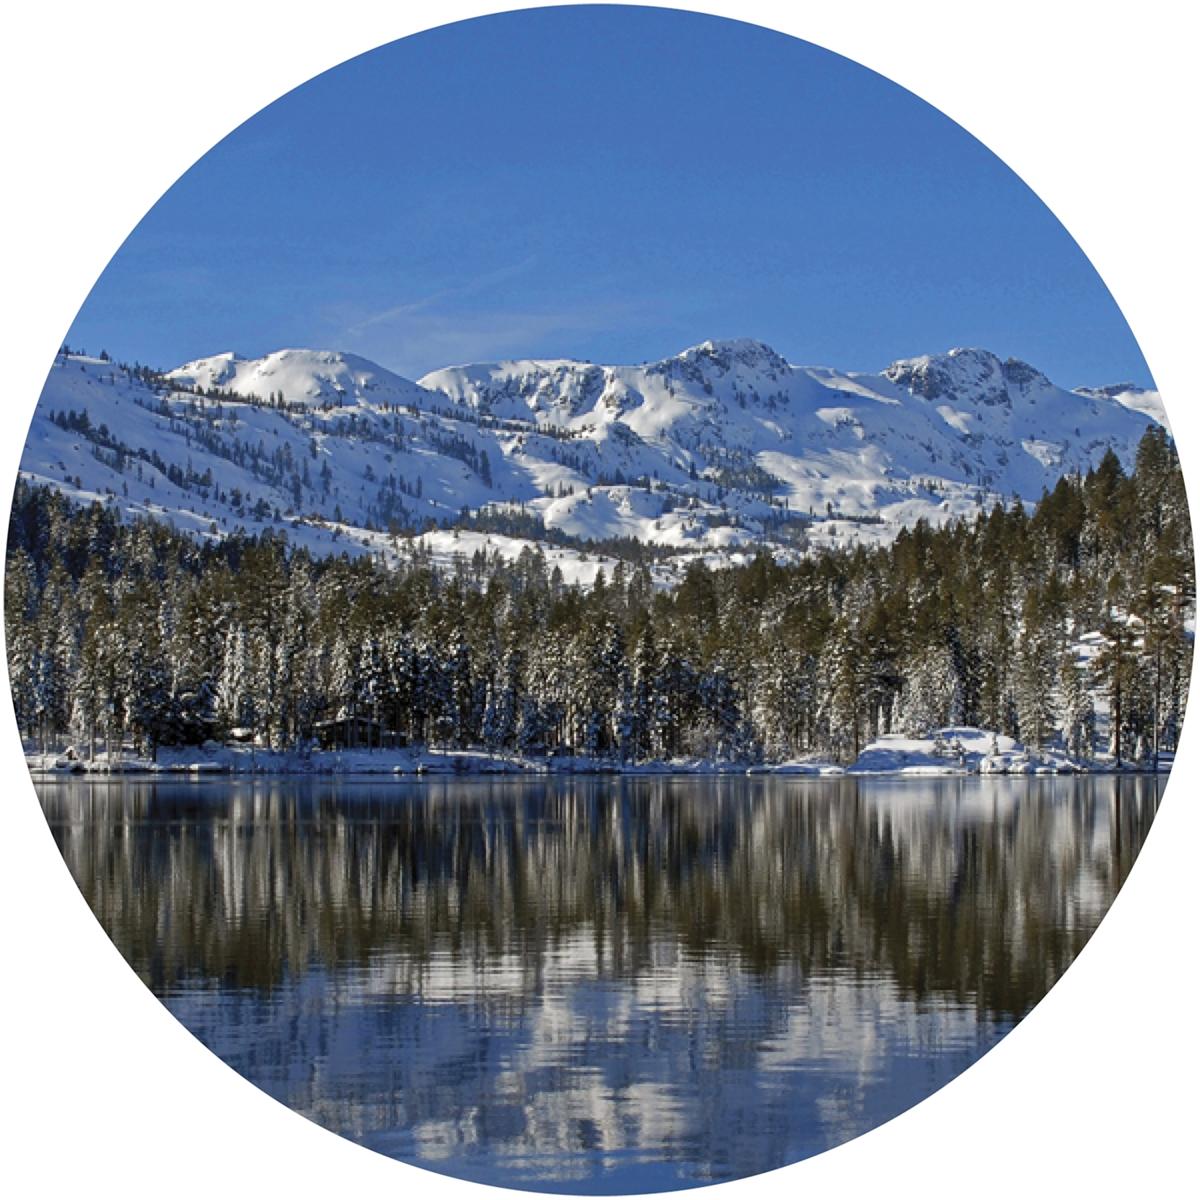 Tahoe Reflection Envelope Seal